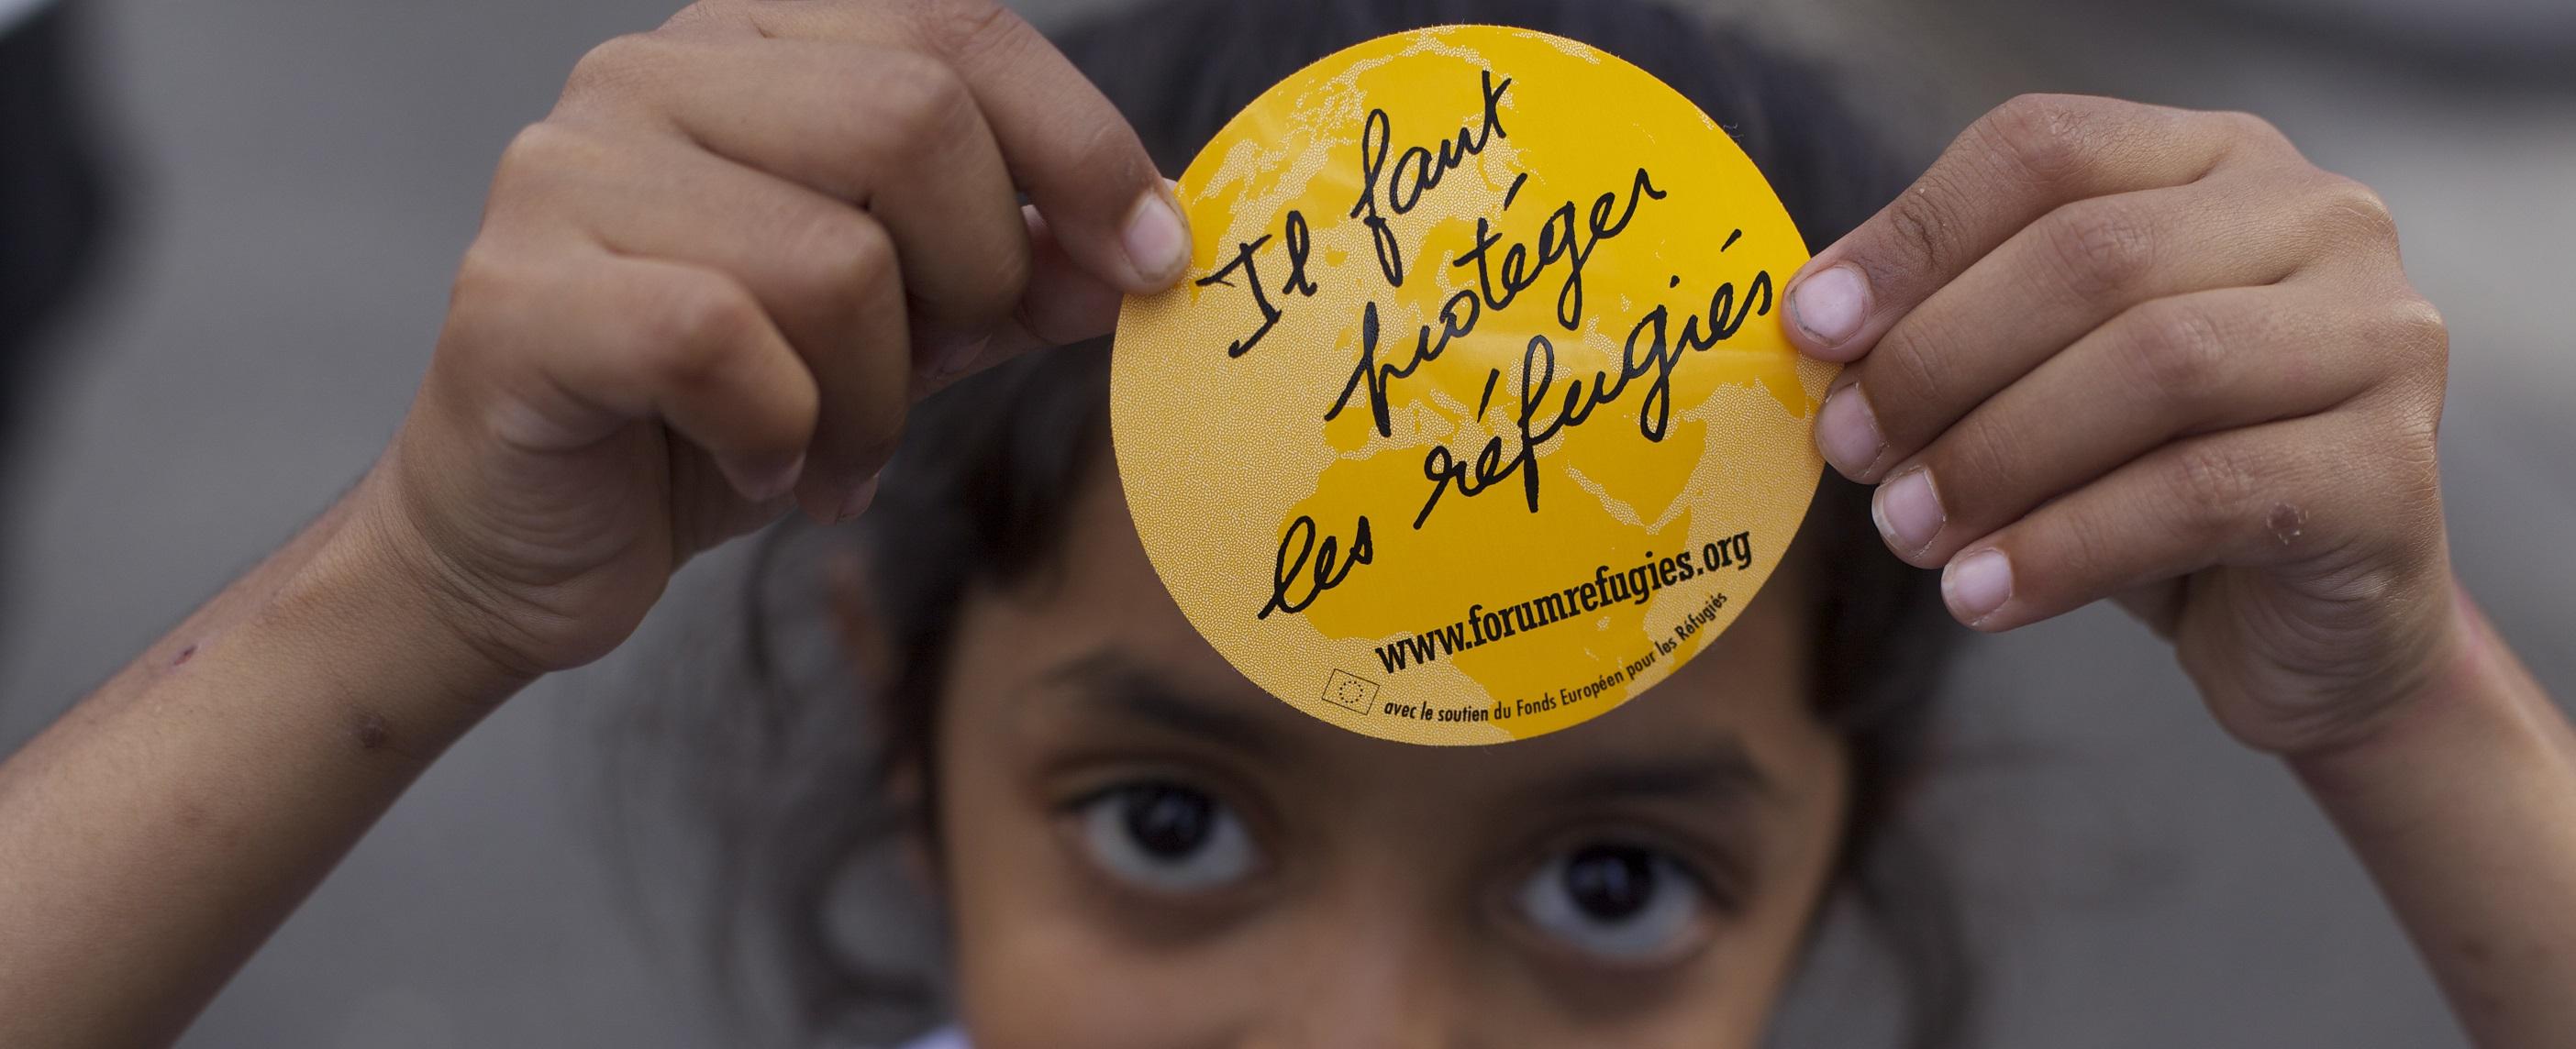 Ensemble pour continuer d'agir pour les réfugiés